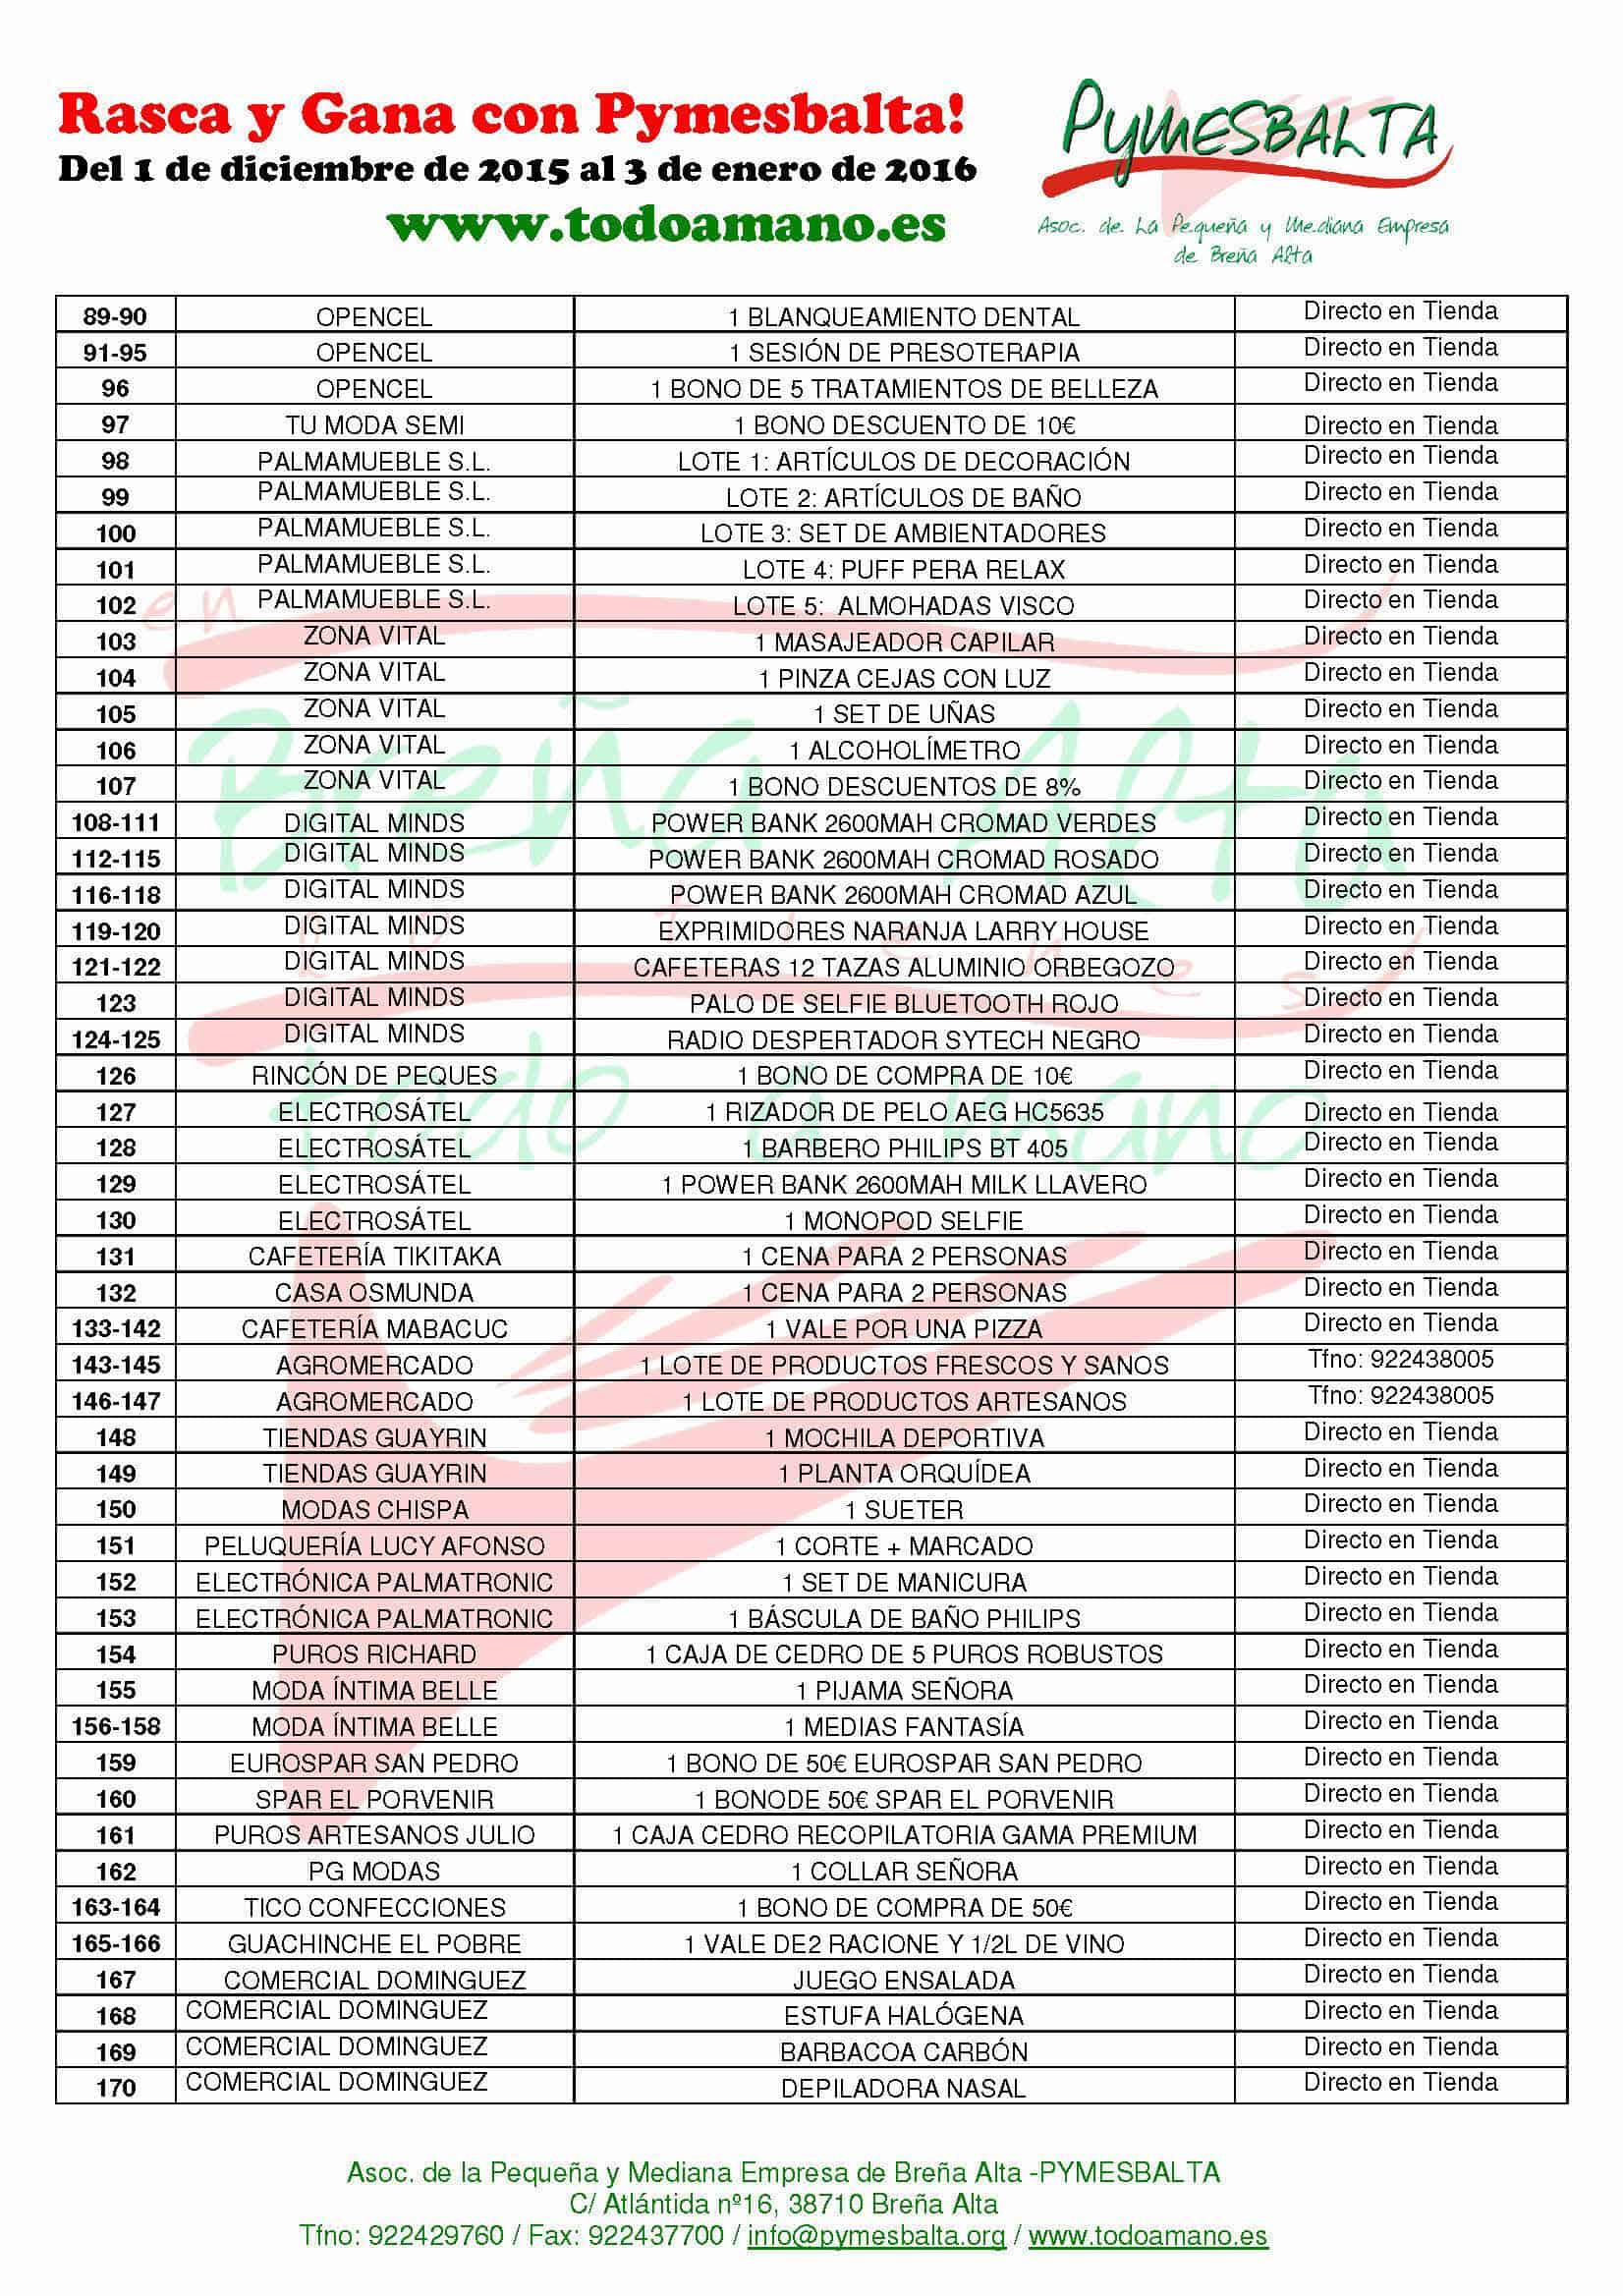 Listado de premios  rascas 2015-16 (2)